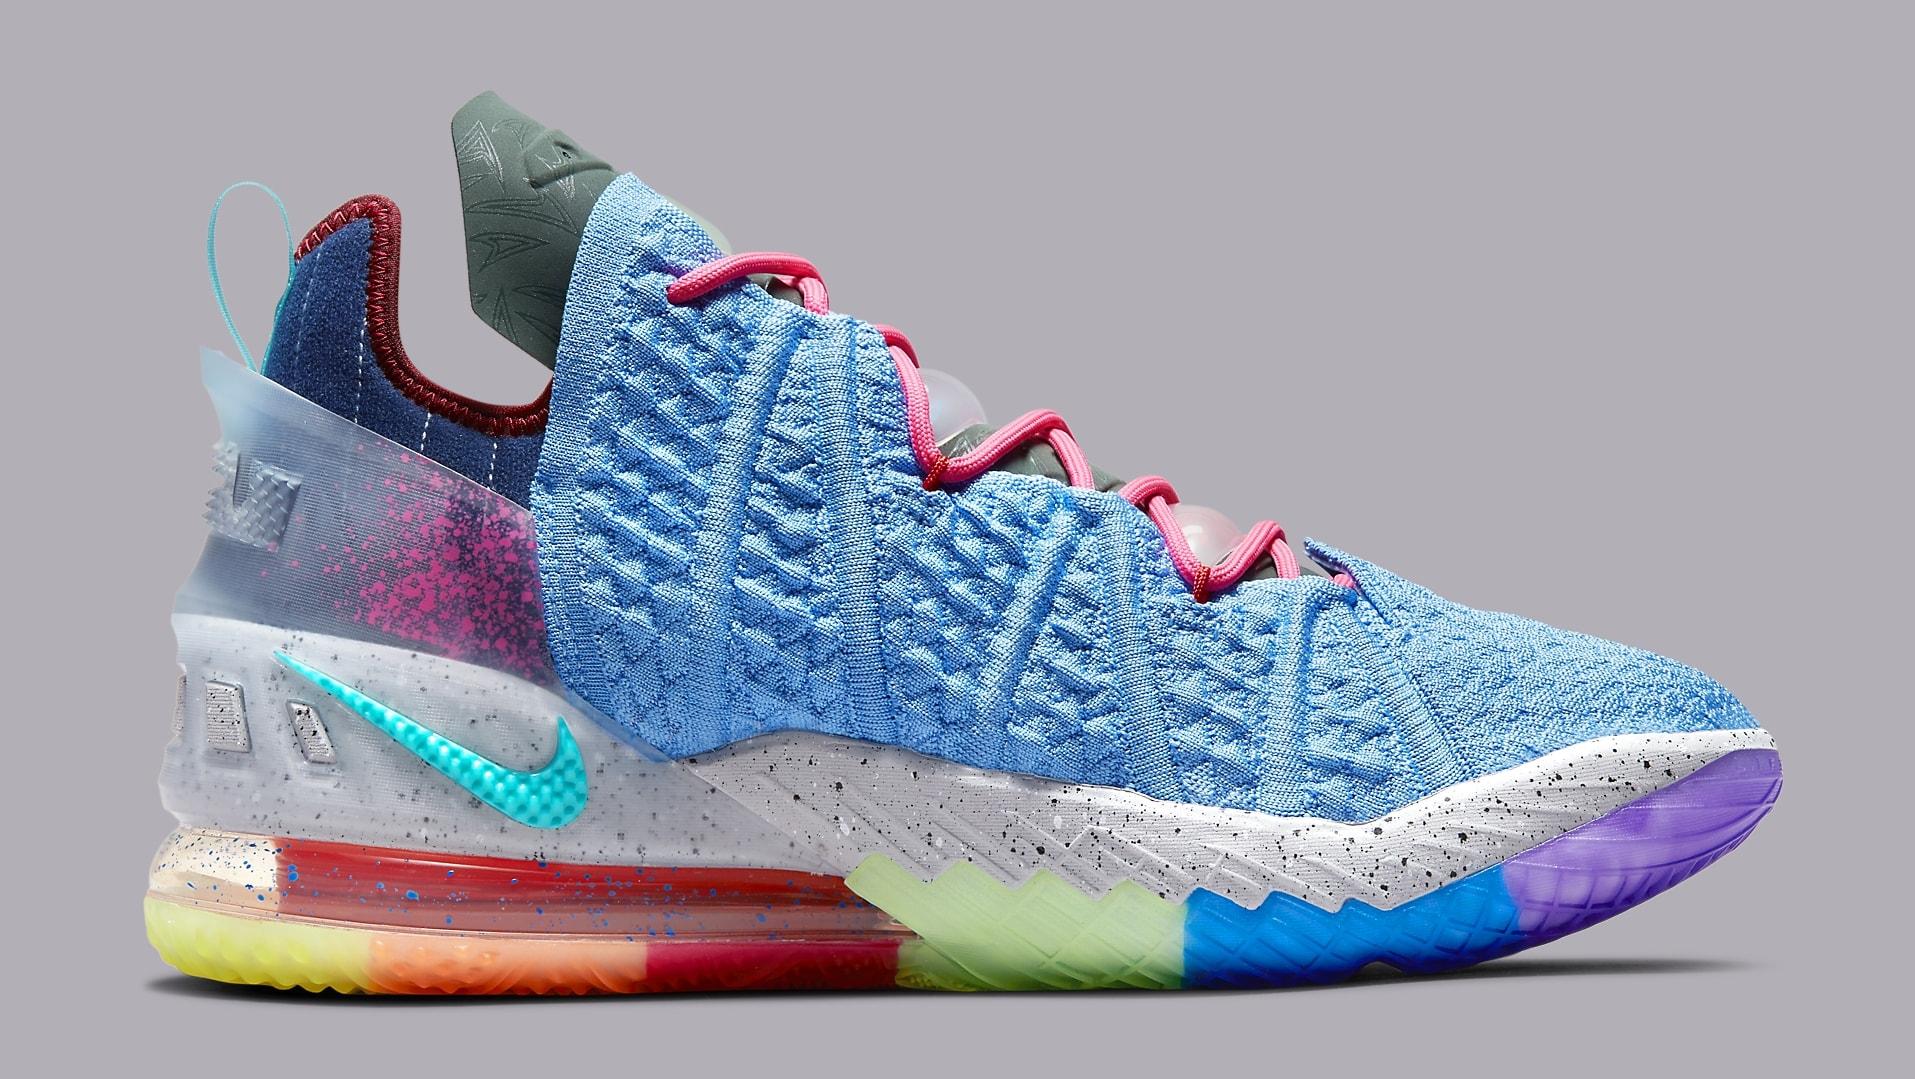 Nike LeBron 18 'Best 1-9' DM2813 400 Medial